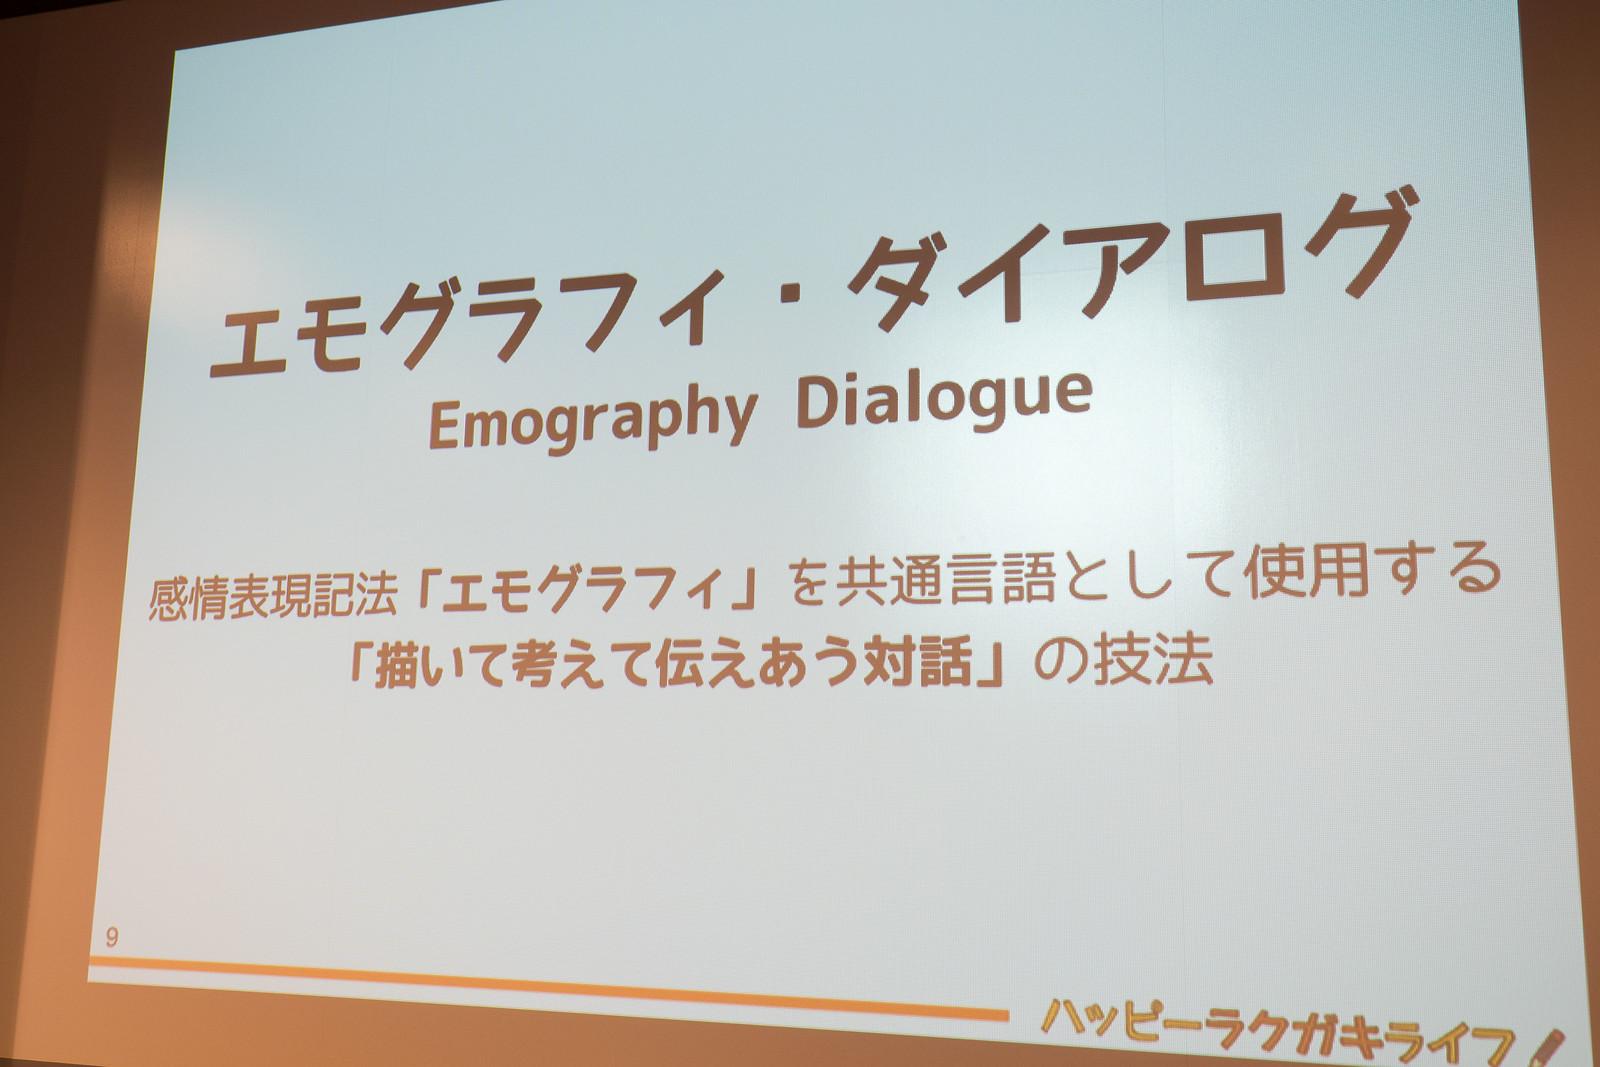 emography-dialogue01-8